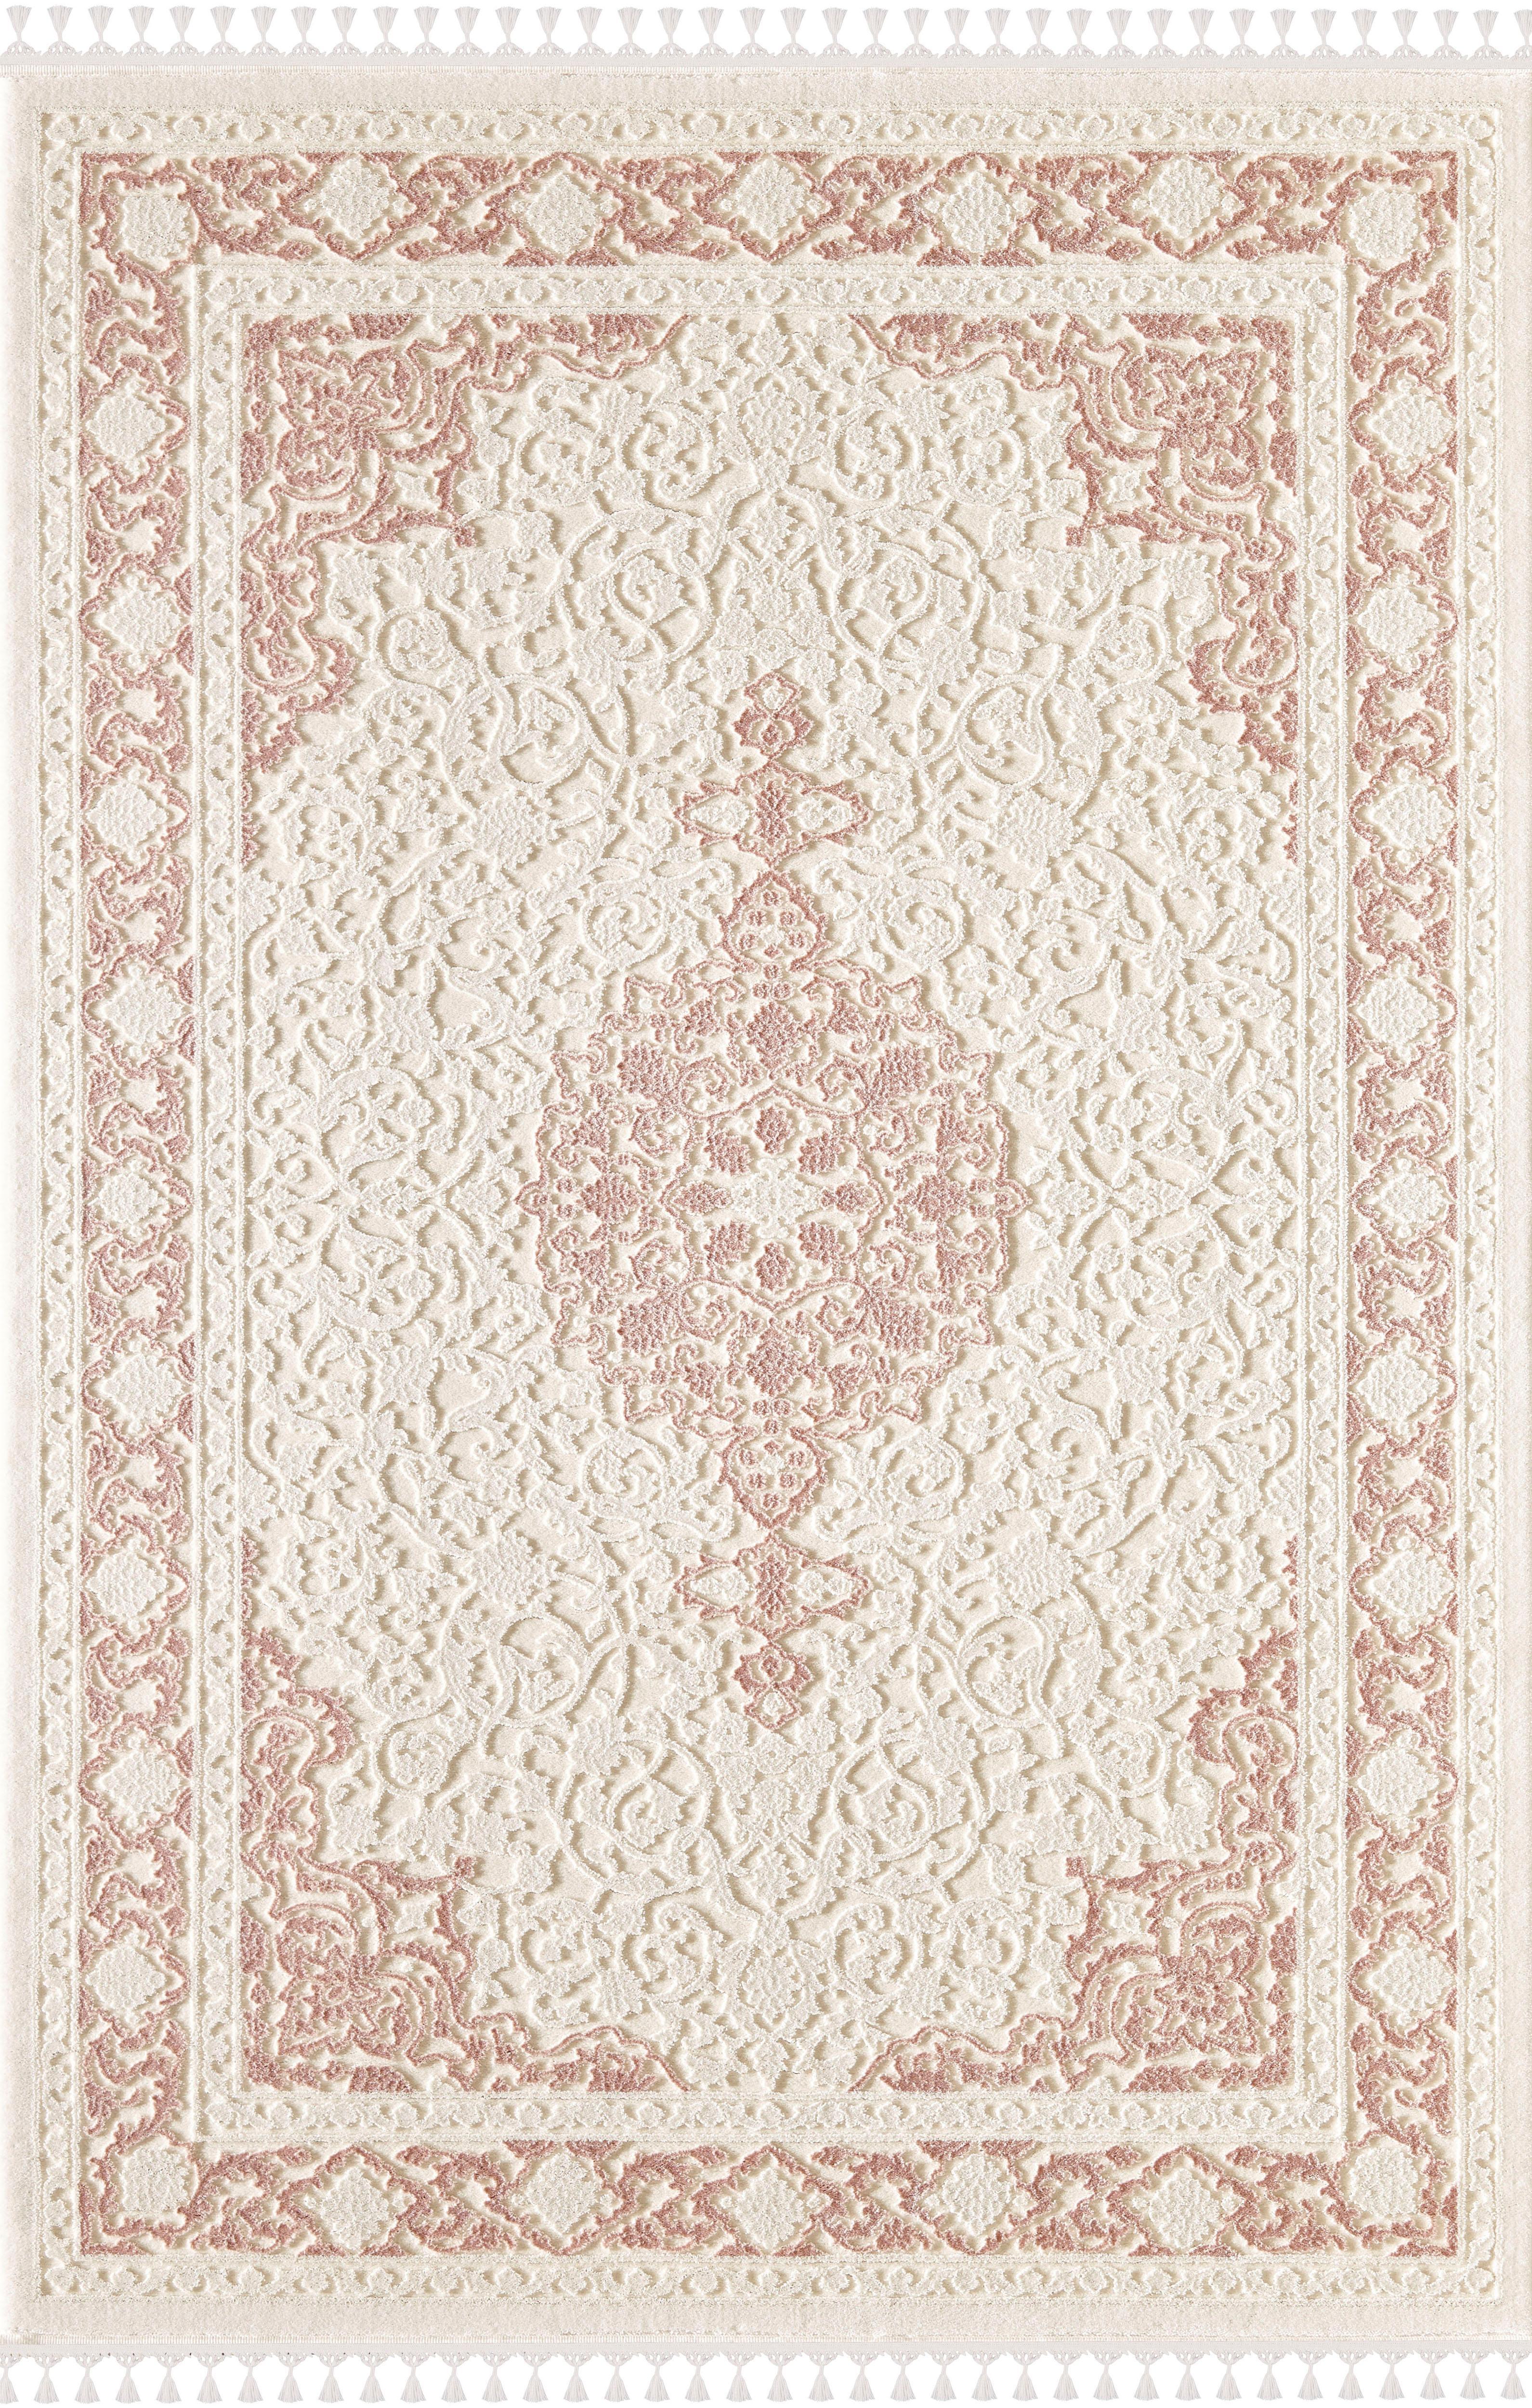 Teppich Delüks 6974 Sanat Teppiche rechteckig Höhe 12 mm maschinell gewebt